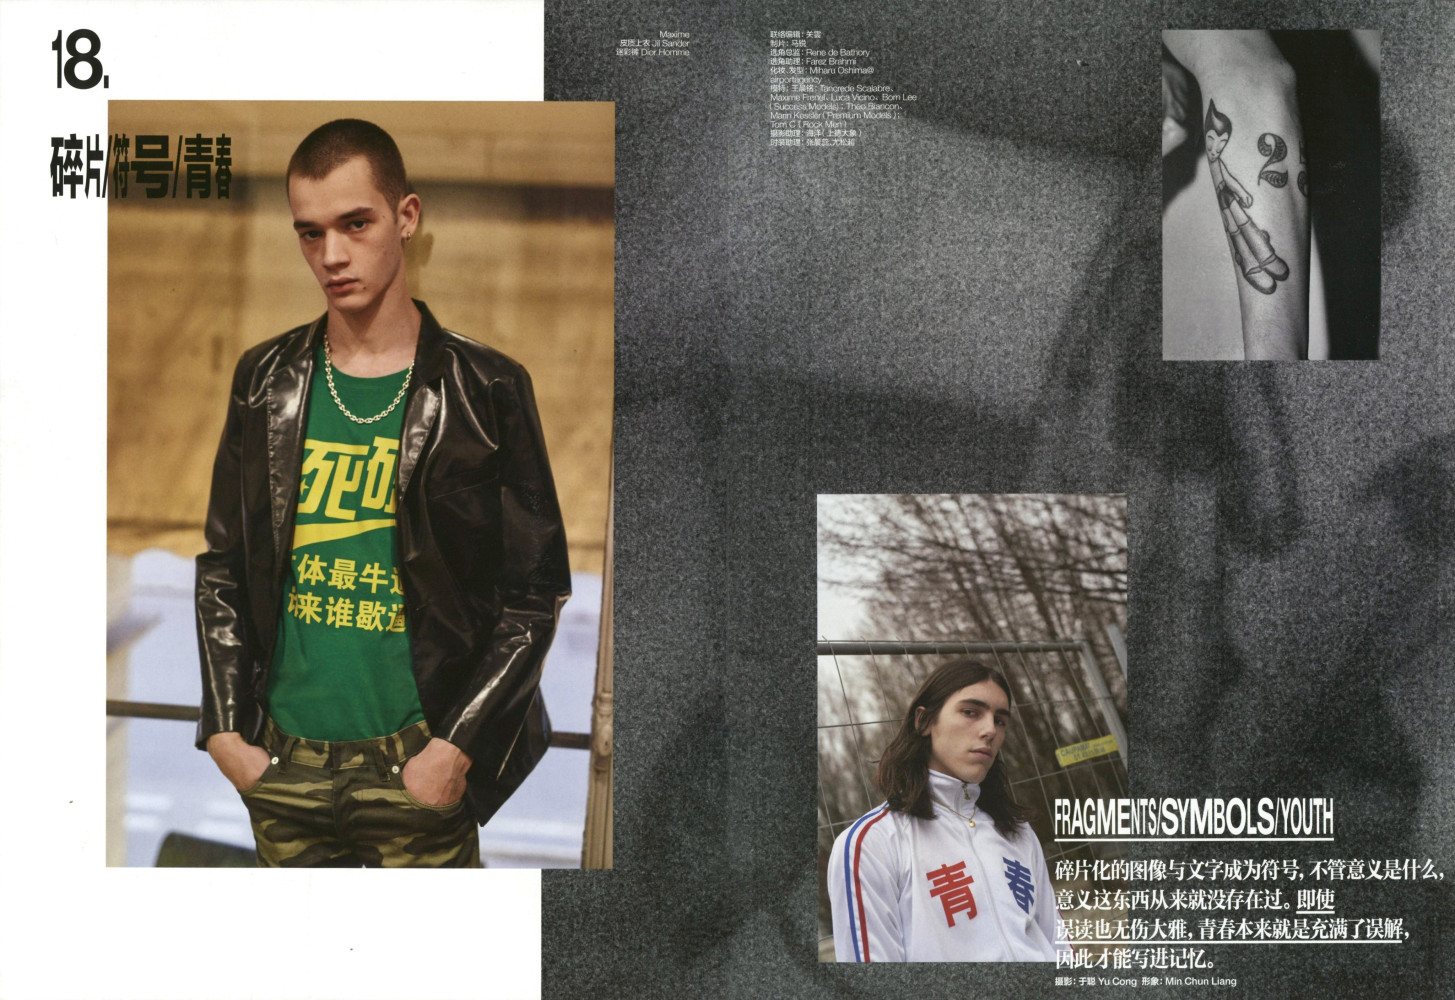 Maxime Frenel, Tancrède Scalabre, Augustin Lampreia, Luca Vicino and Bom Chan Lee